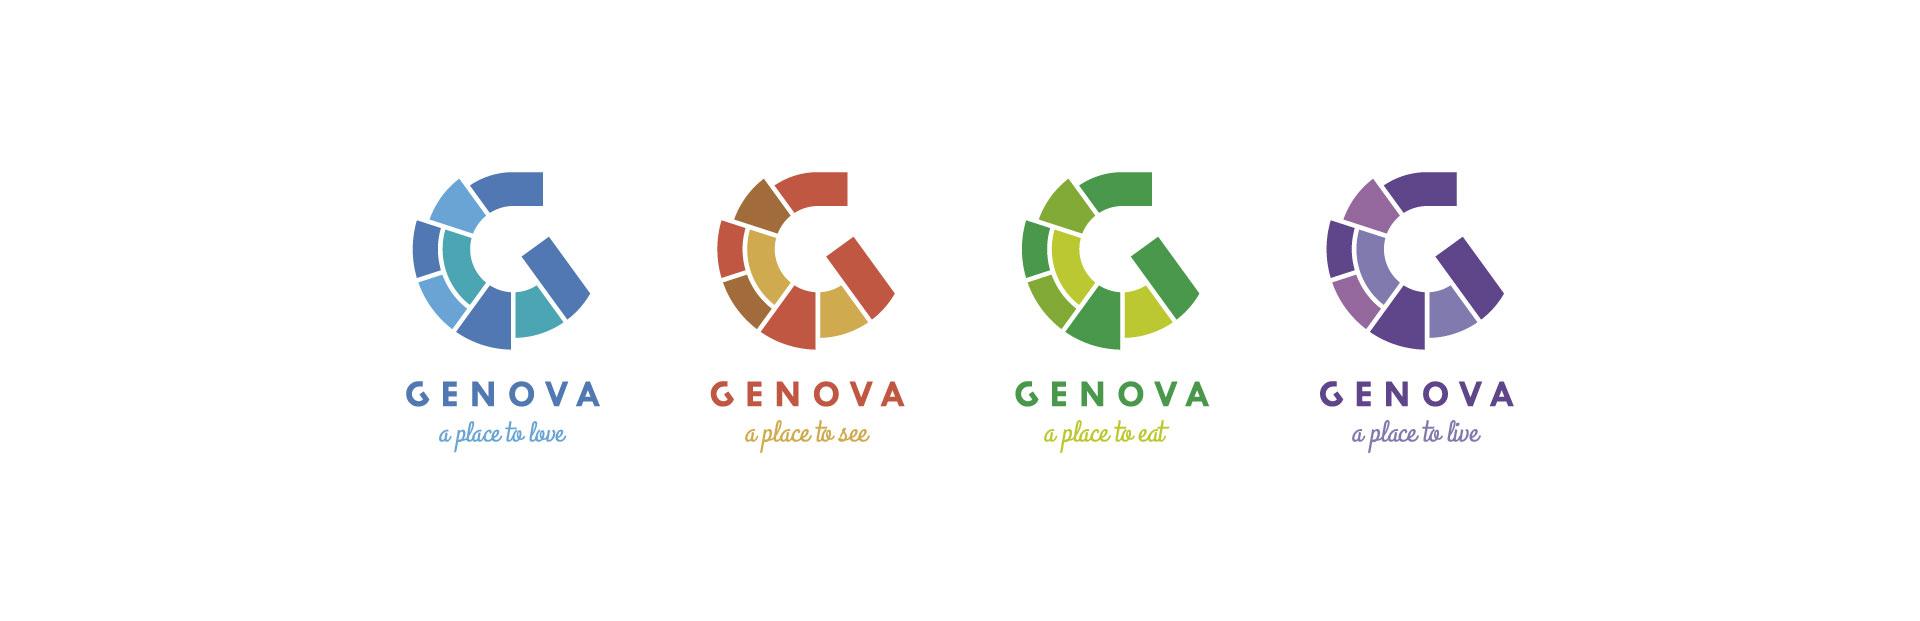 Genova-05